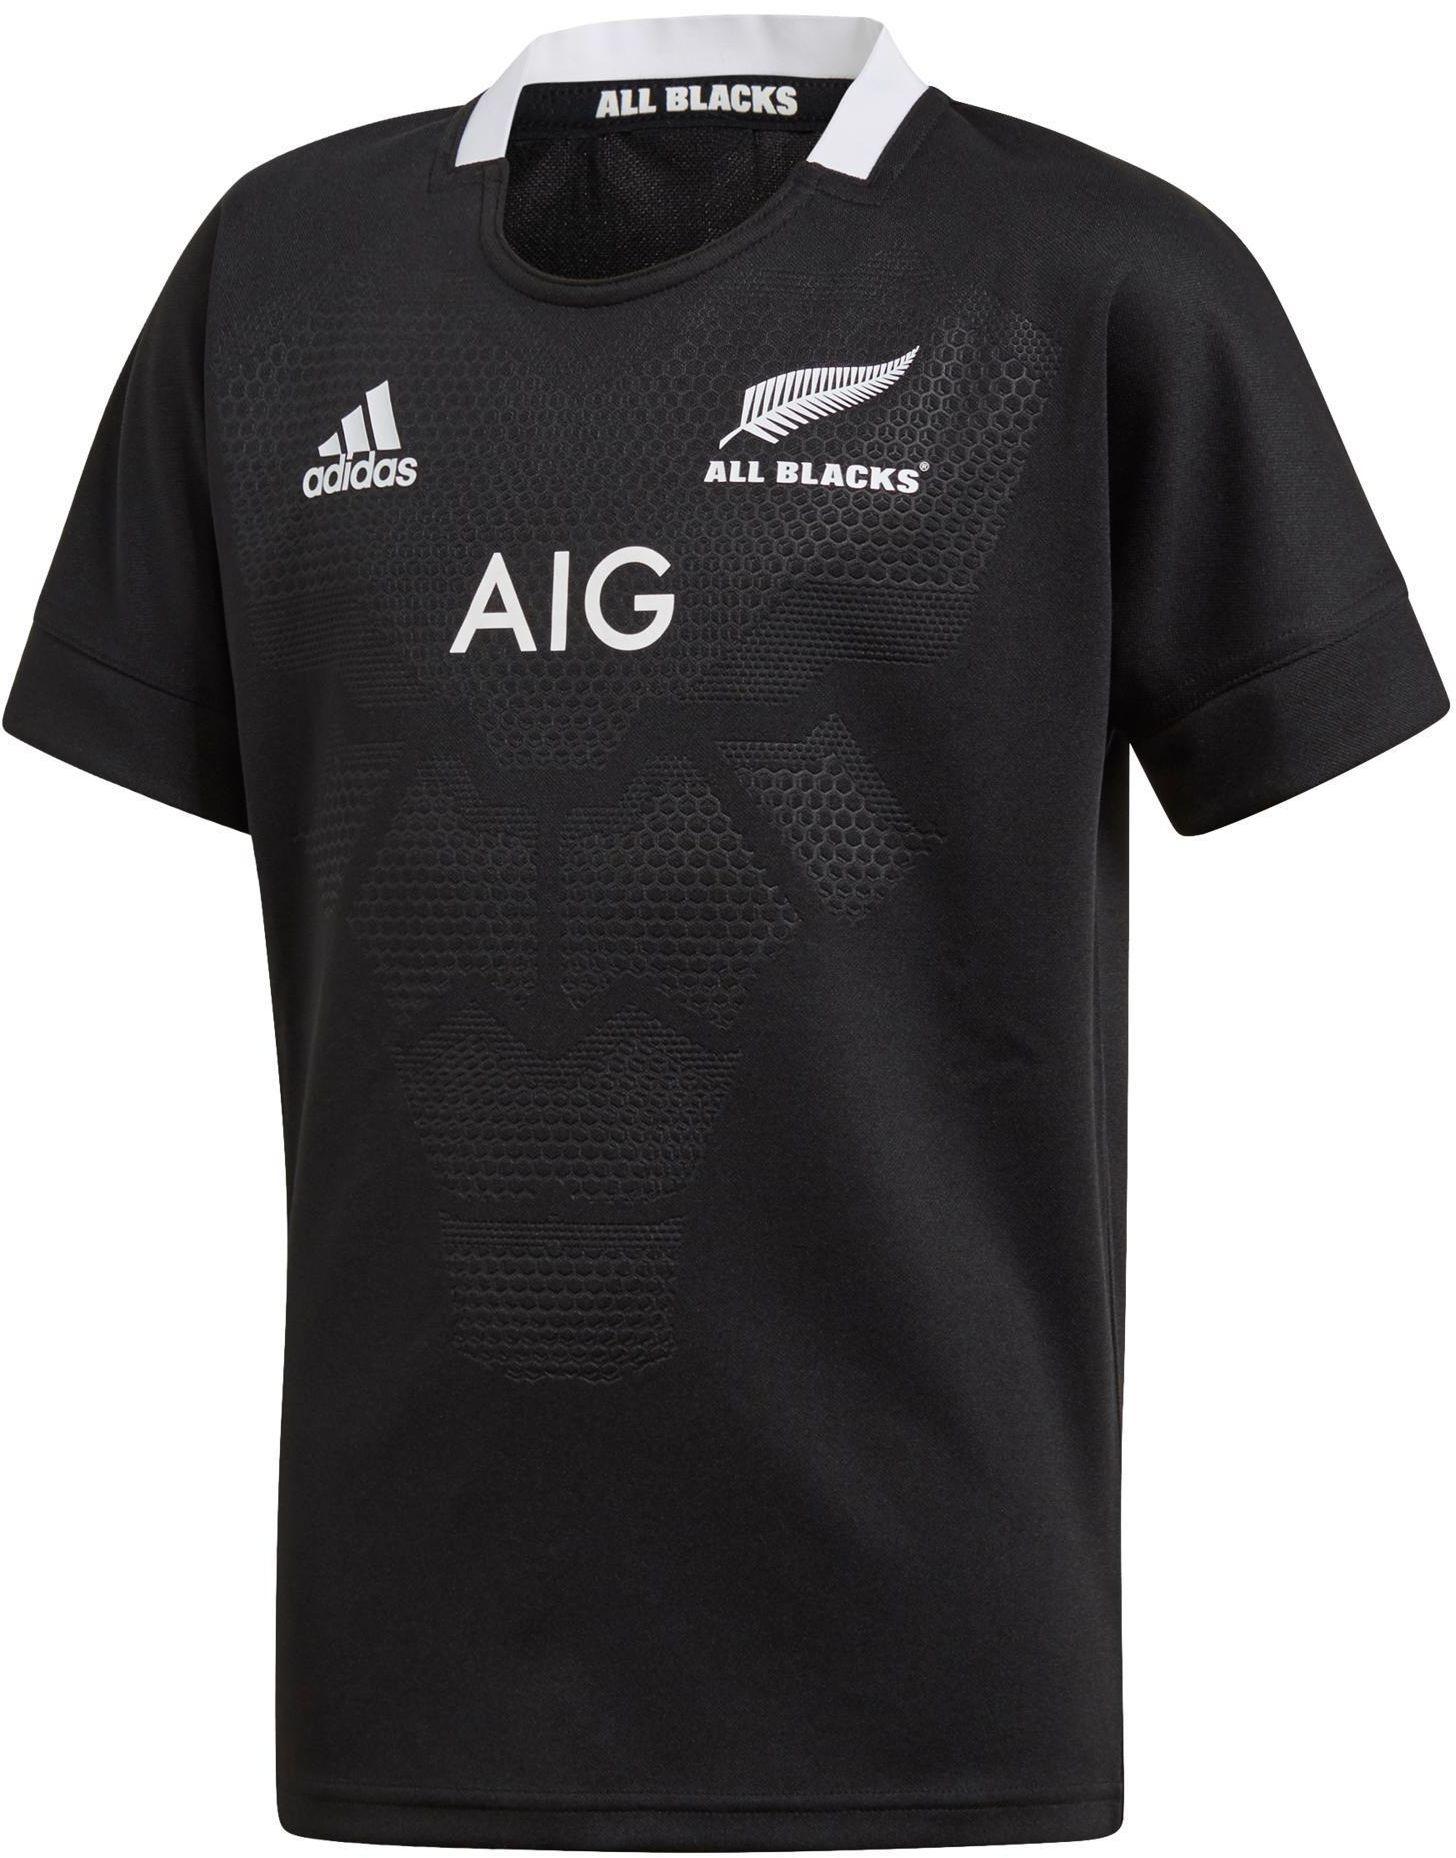 Koszulka do rugby replika All Blacks dla dzieci